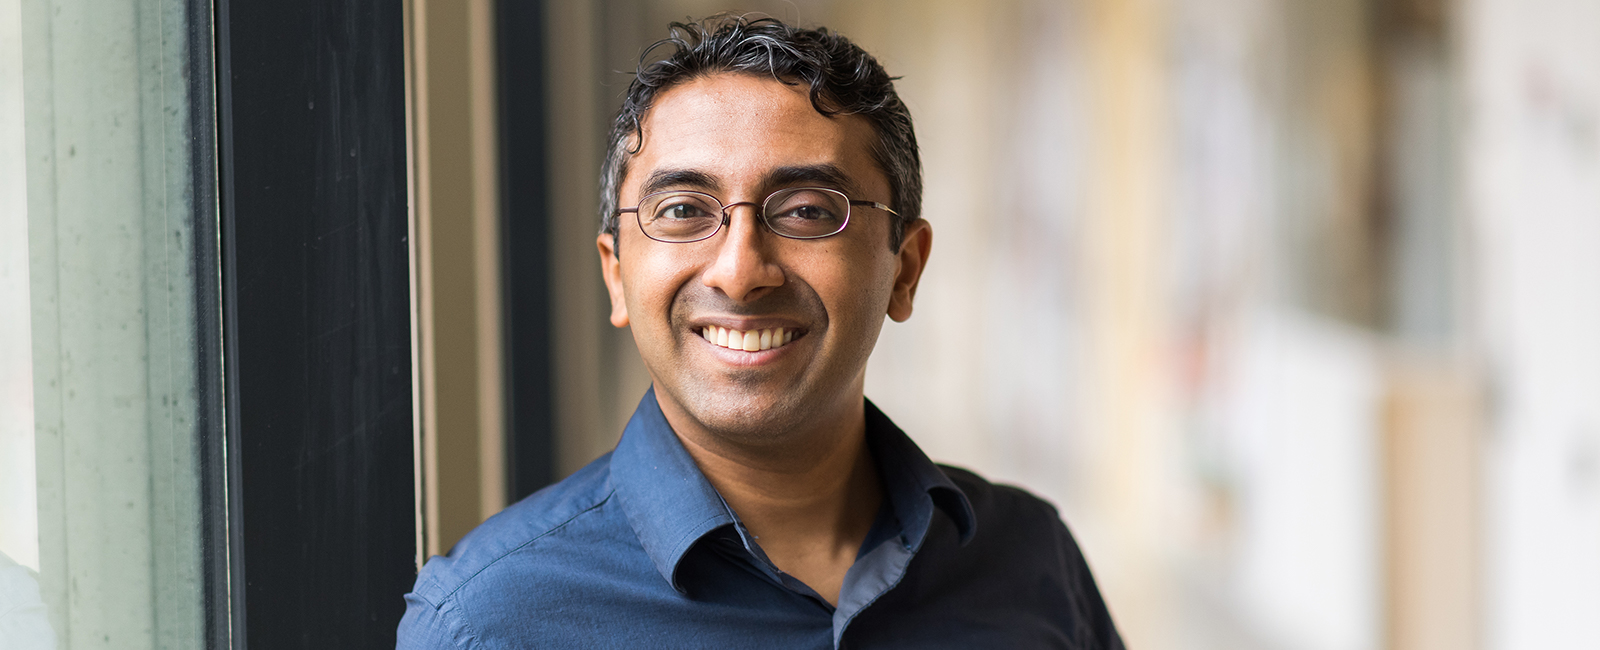 Yogesh Surendranath smiles in a hallway